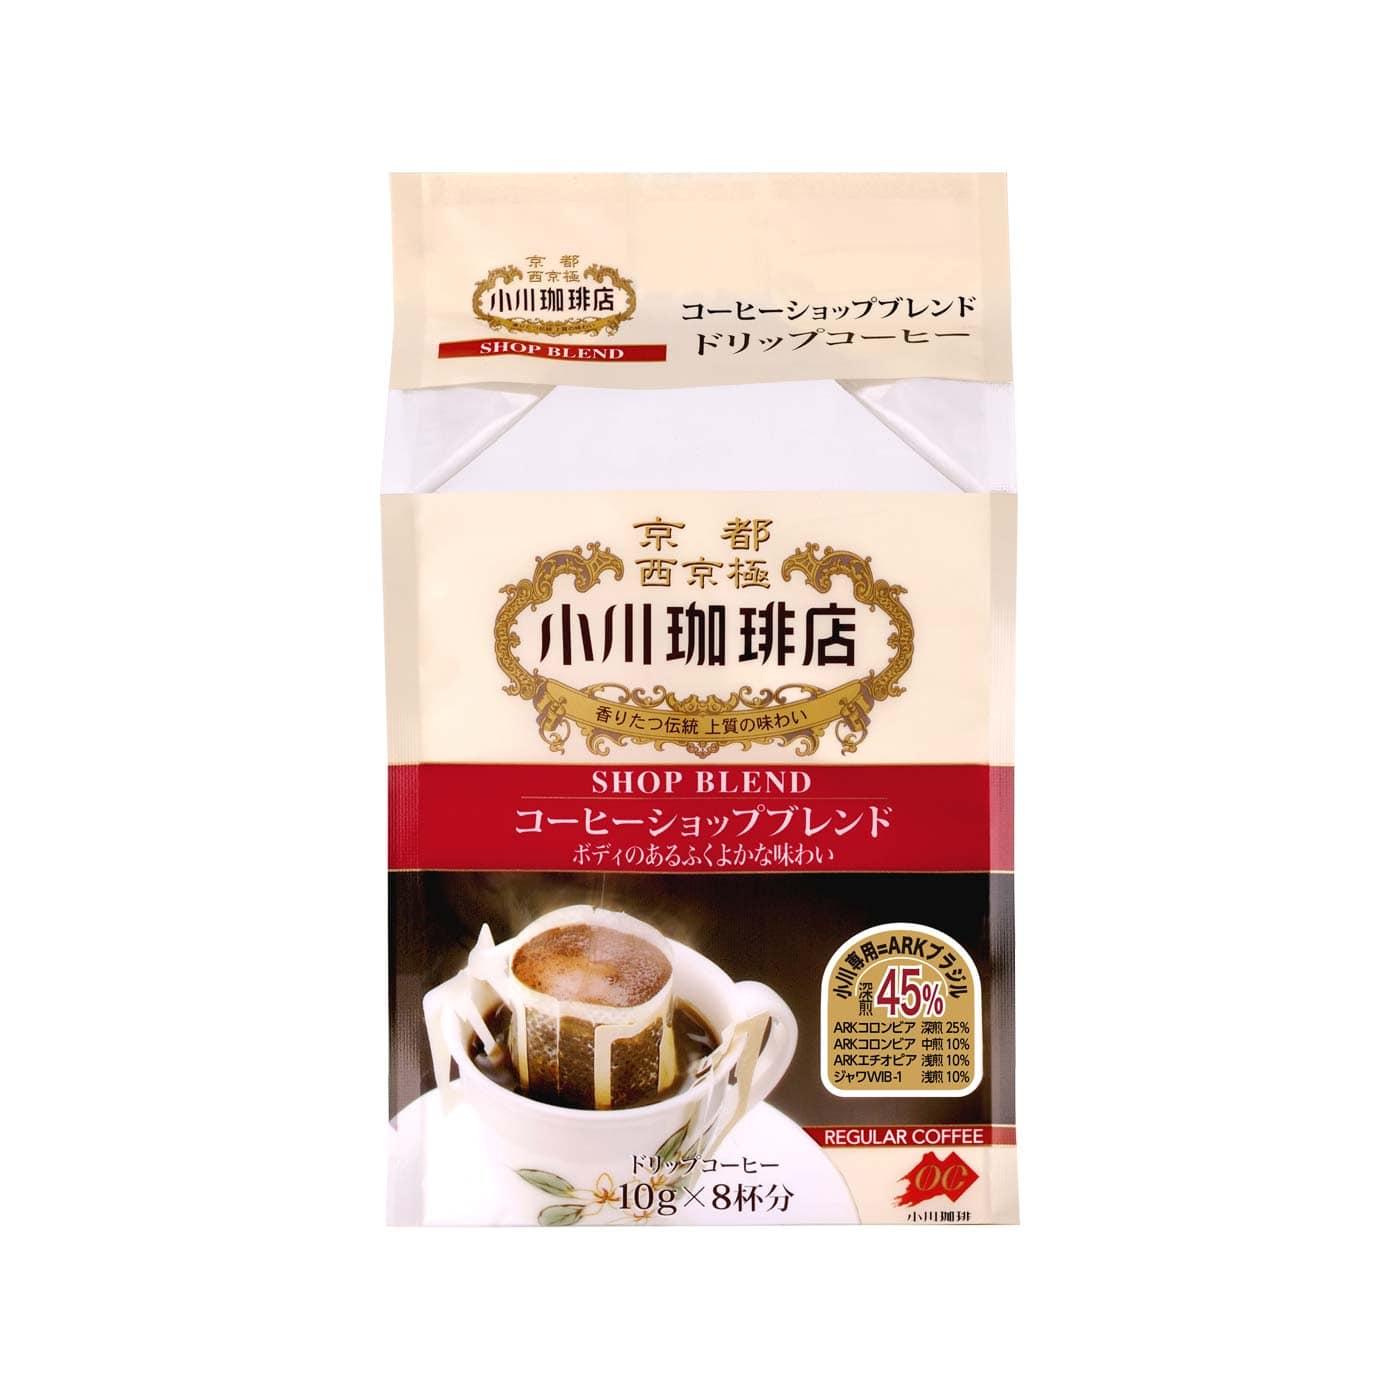 [京都府]小川珈琲コーヒーショップブレンドドリップコーヒー<:V01230999028:>